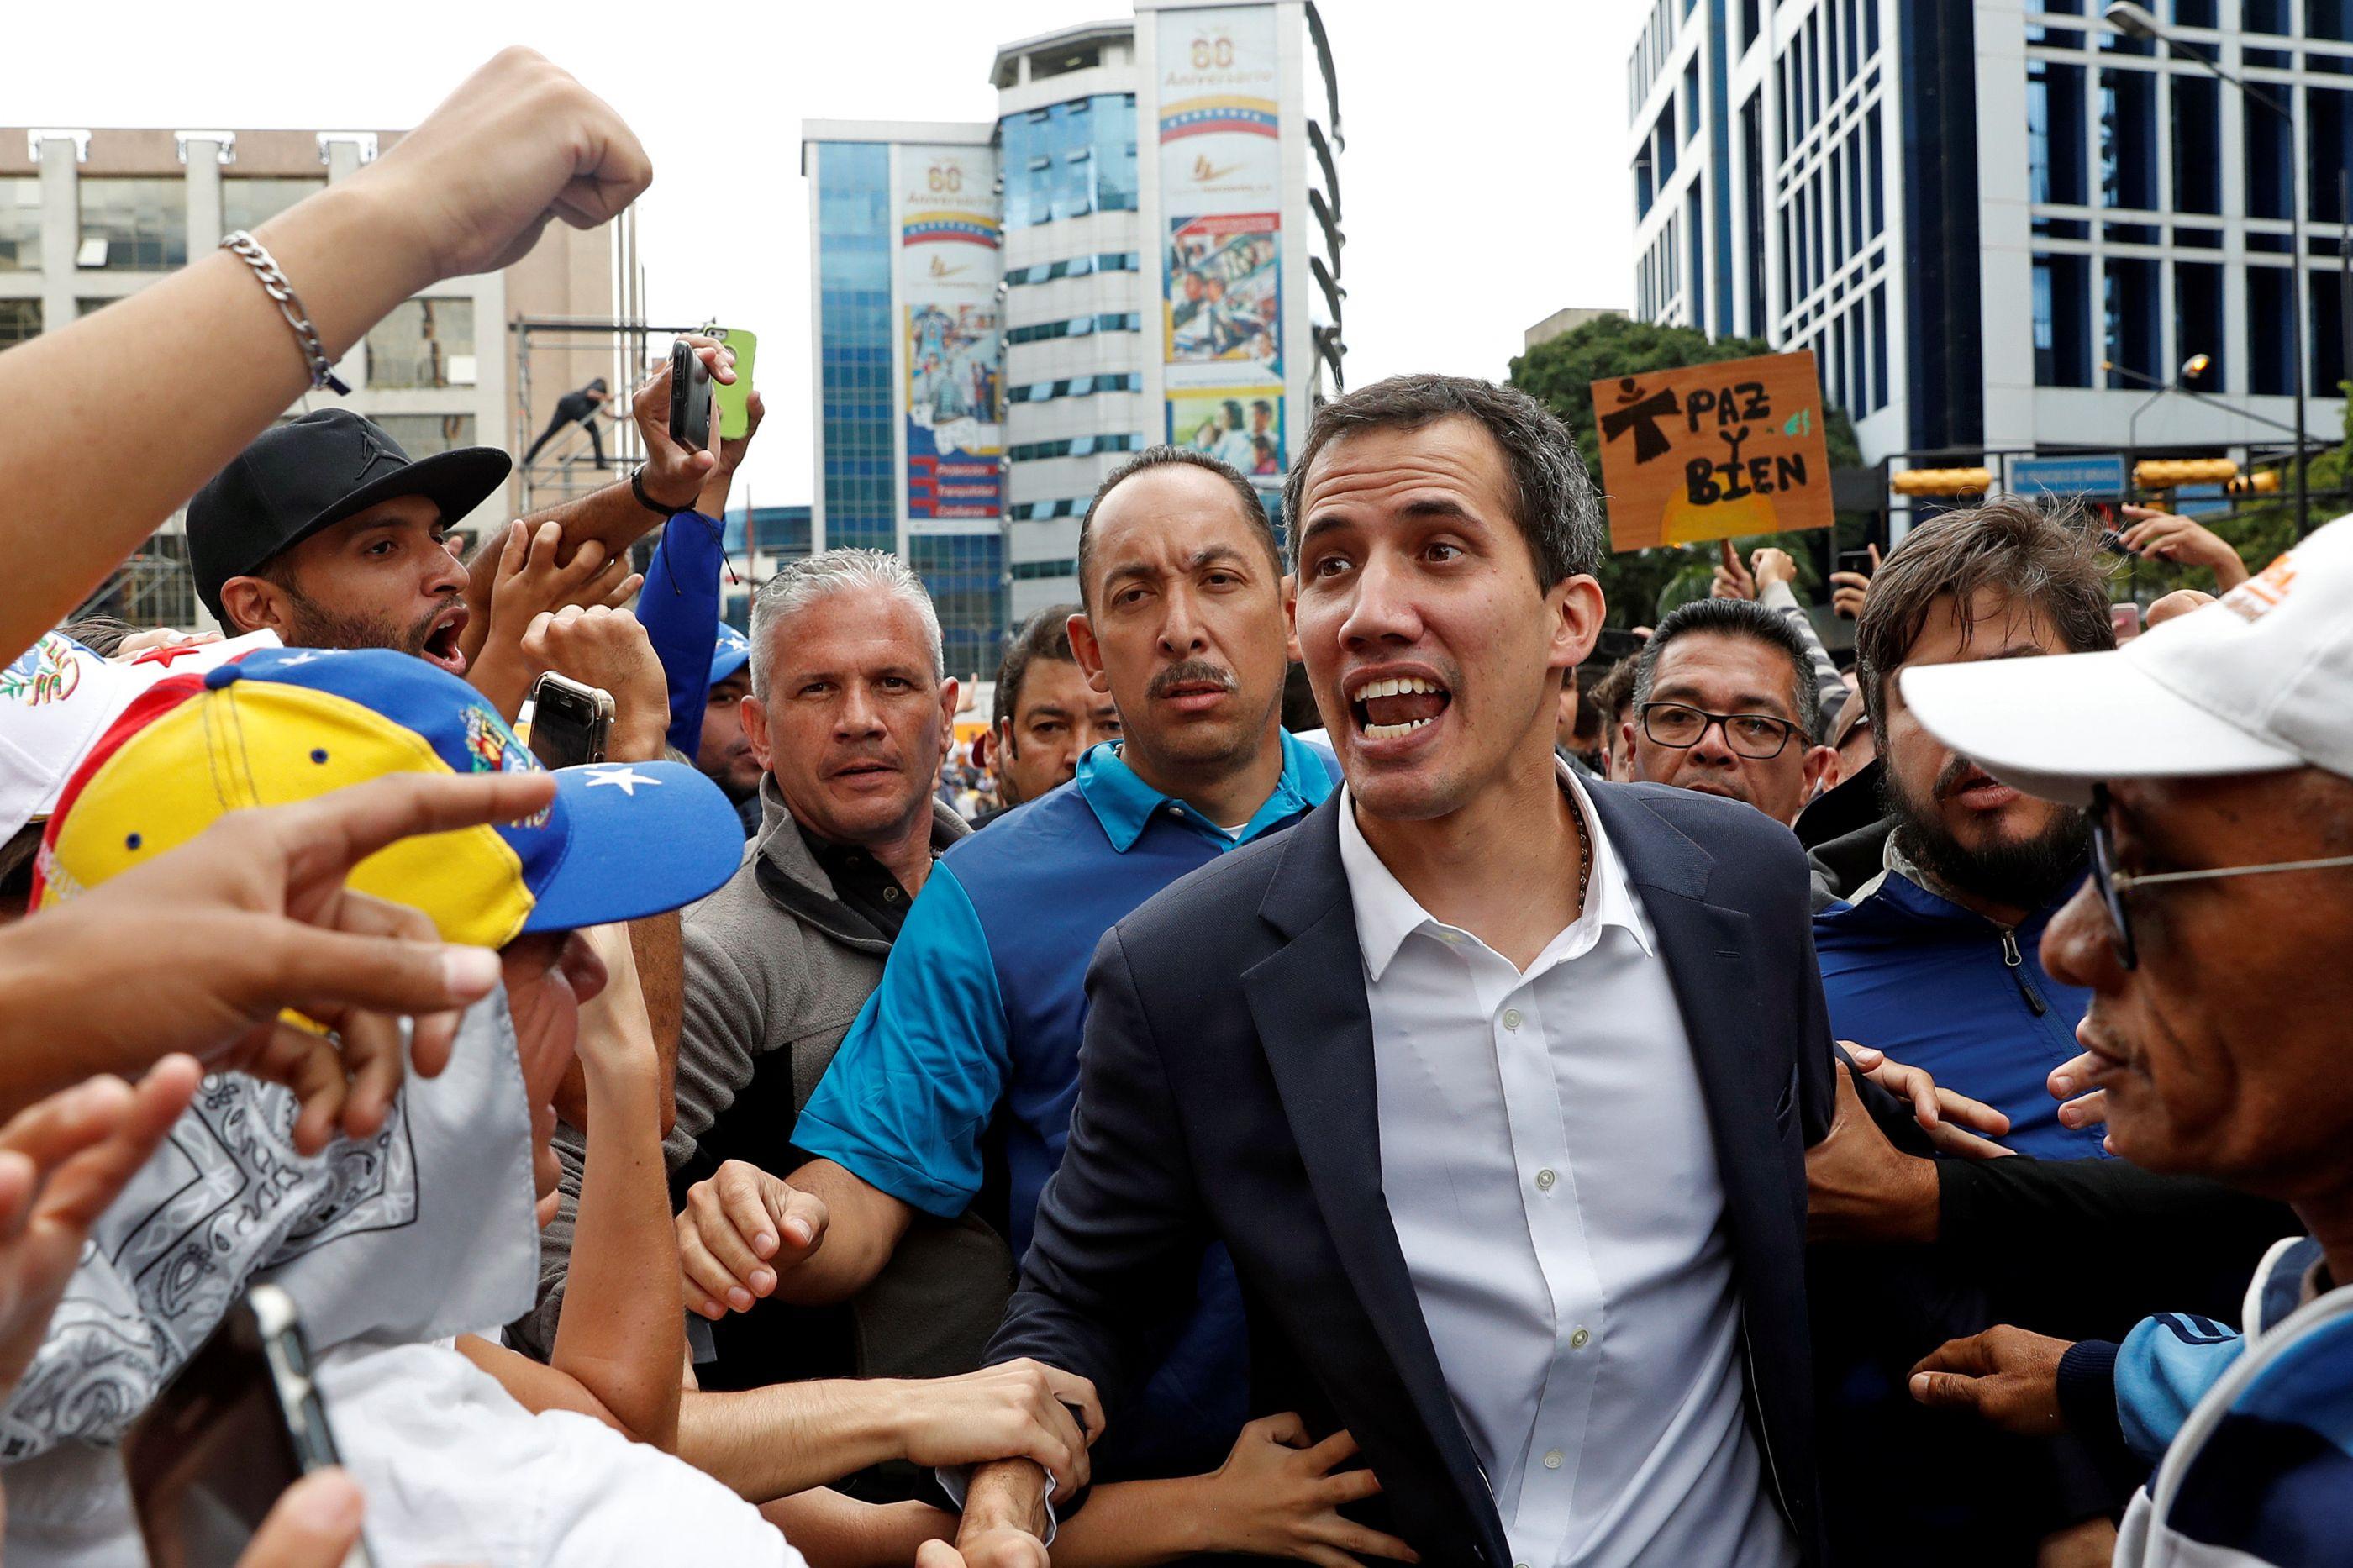 Venezuela: Oposição passou a controlar consulado em Nova Iorque